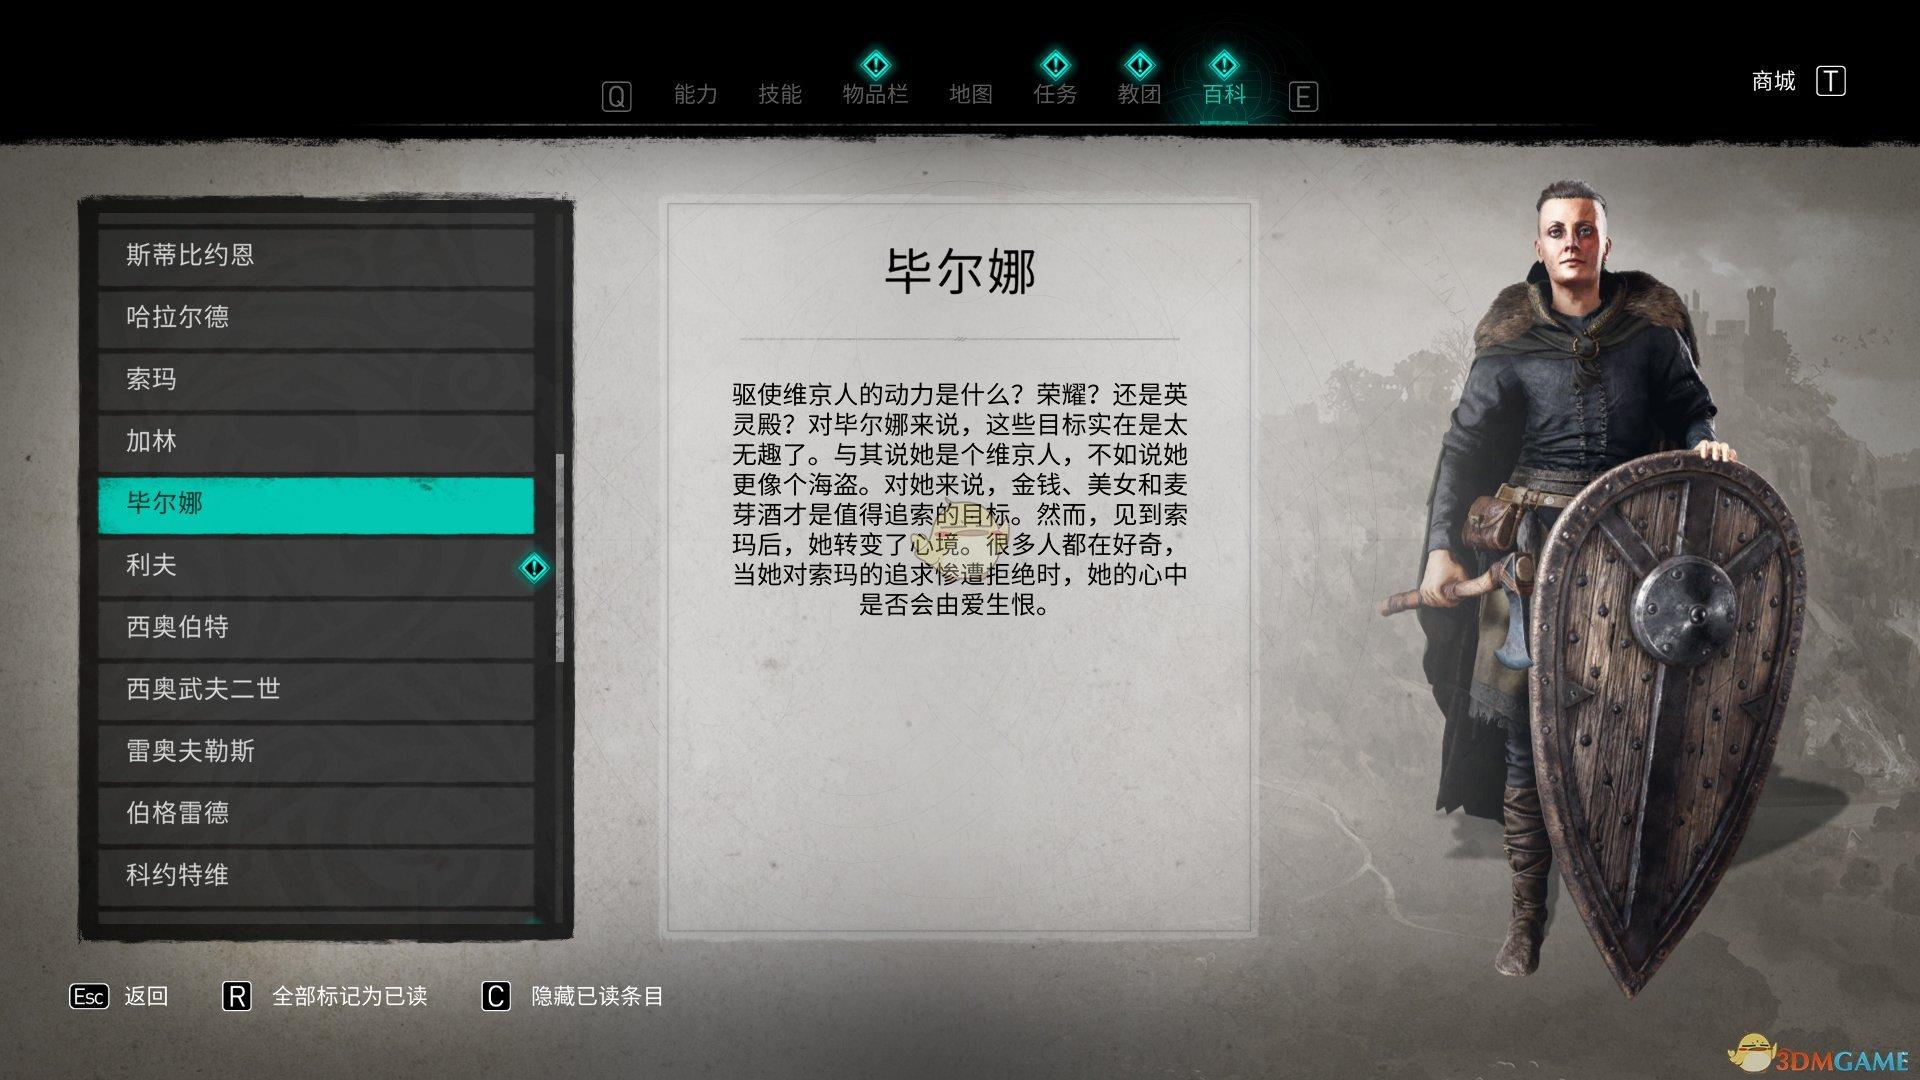 《刺客信条:英灵殿》毕尔娜人物背景介绍